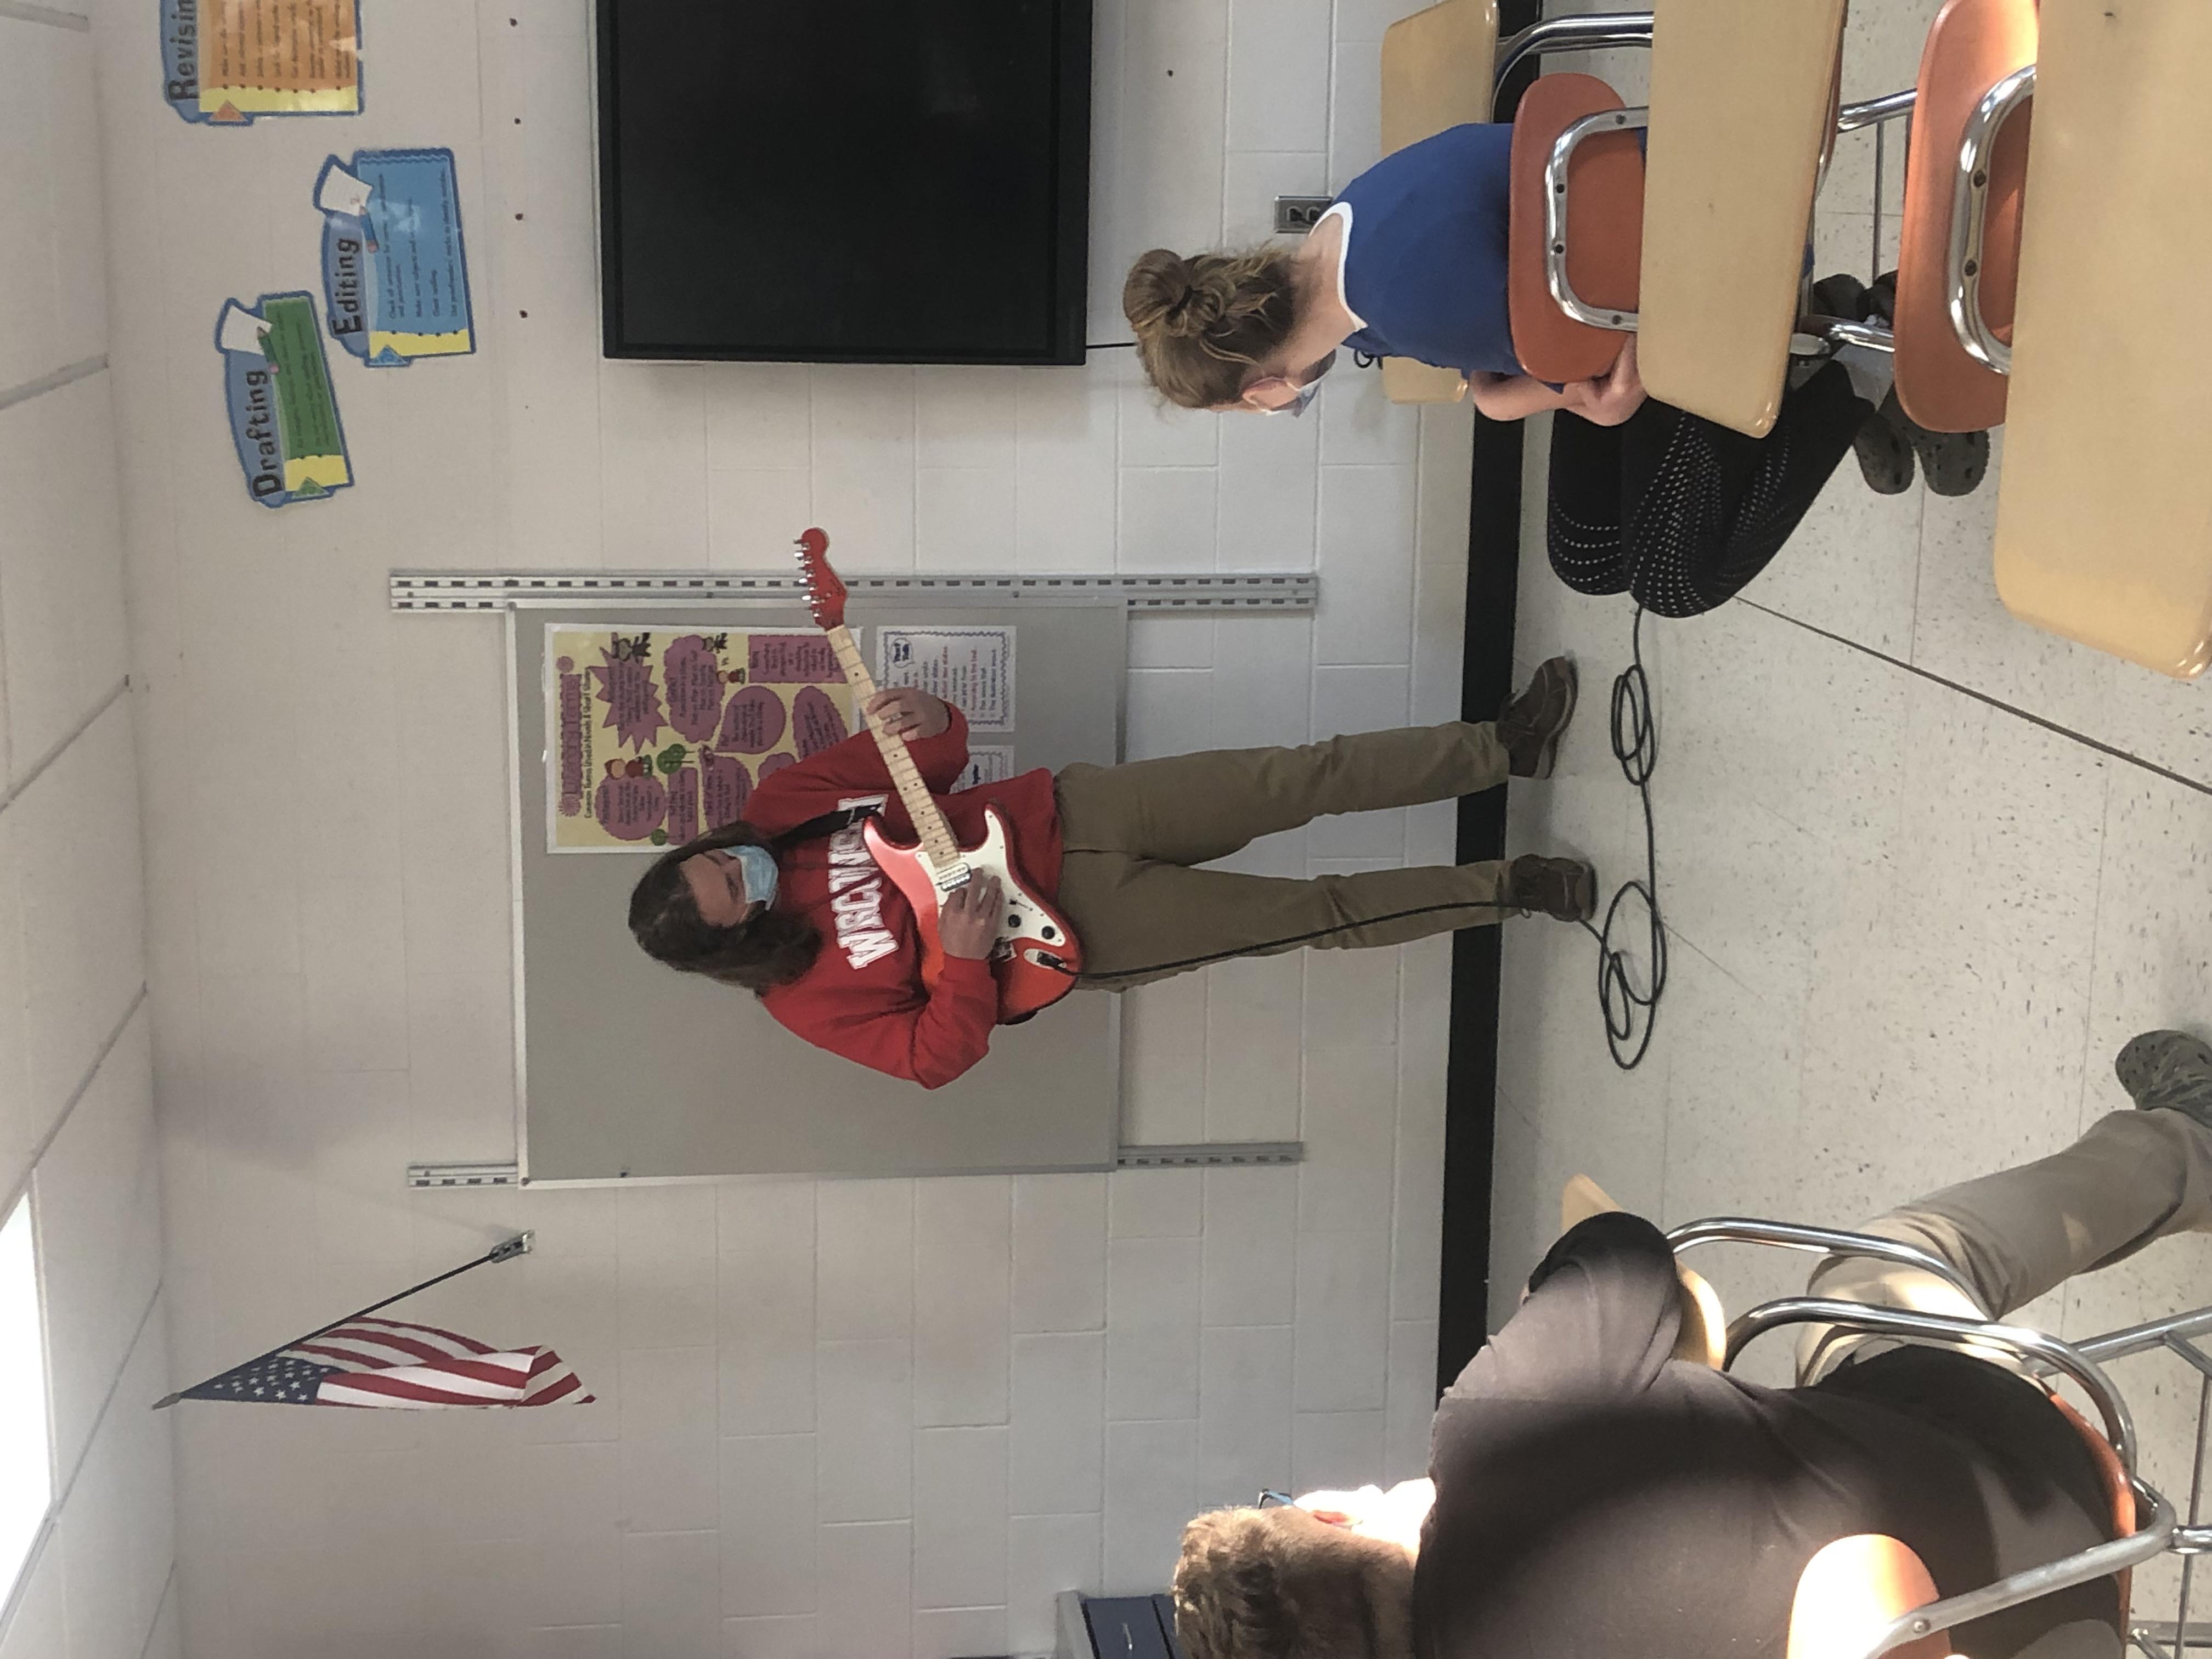 Way to Rock it Mr. Schmidt!